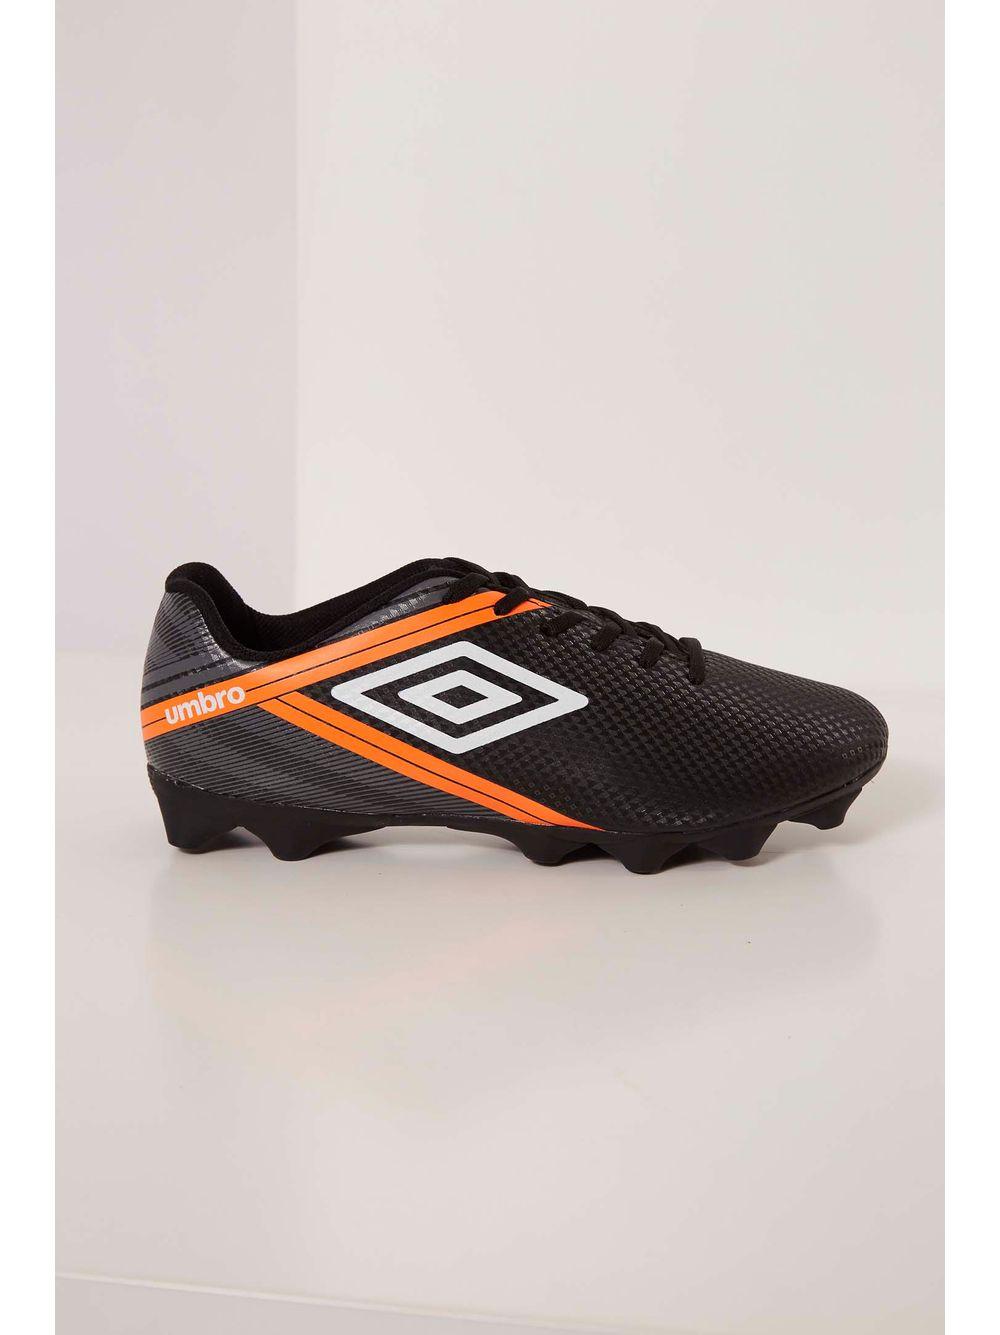 822b56a8de Chuteira Campo Soccer Shoes Umbro Drako Rb 0f70090 Preto - pittol